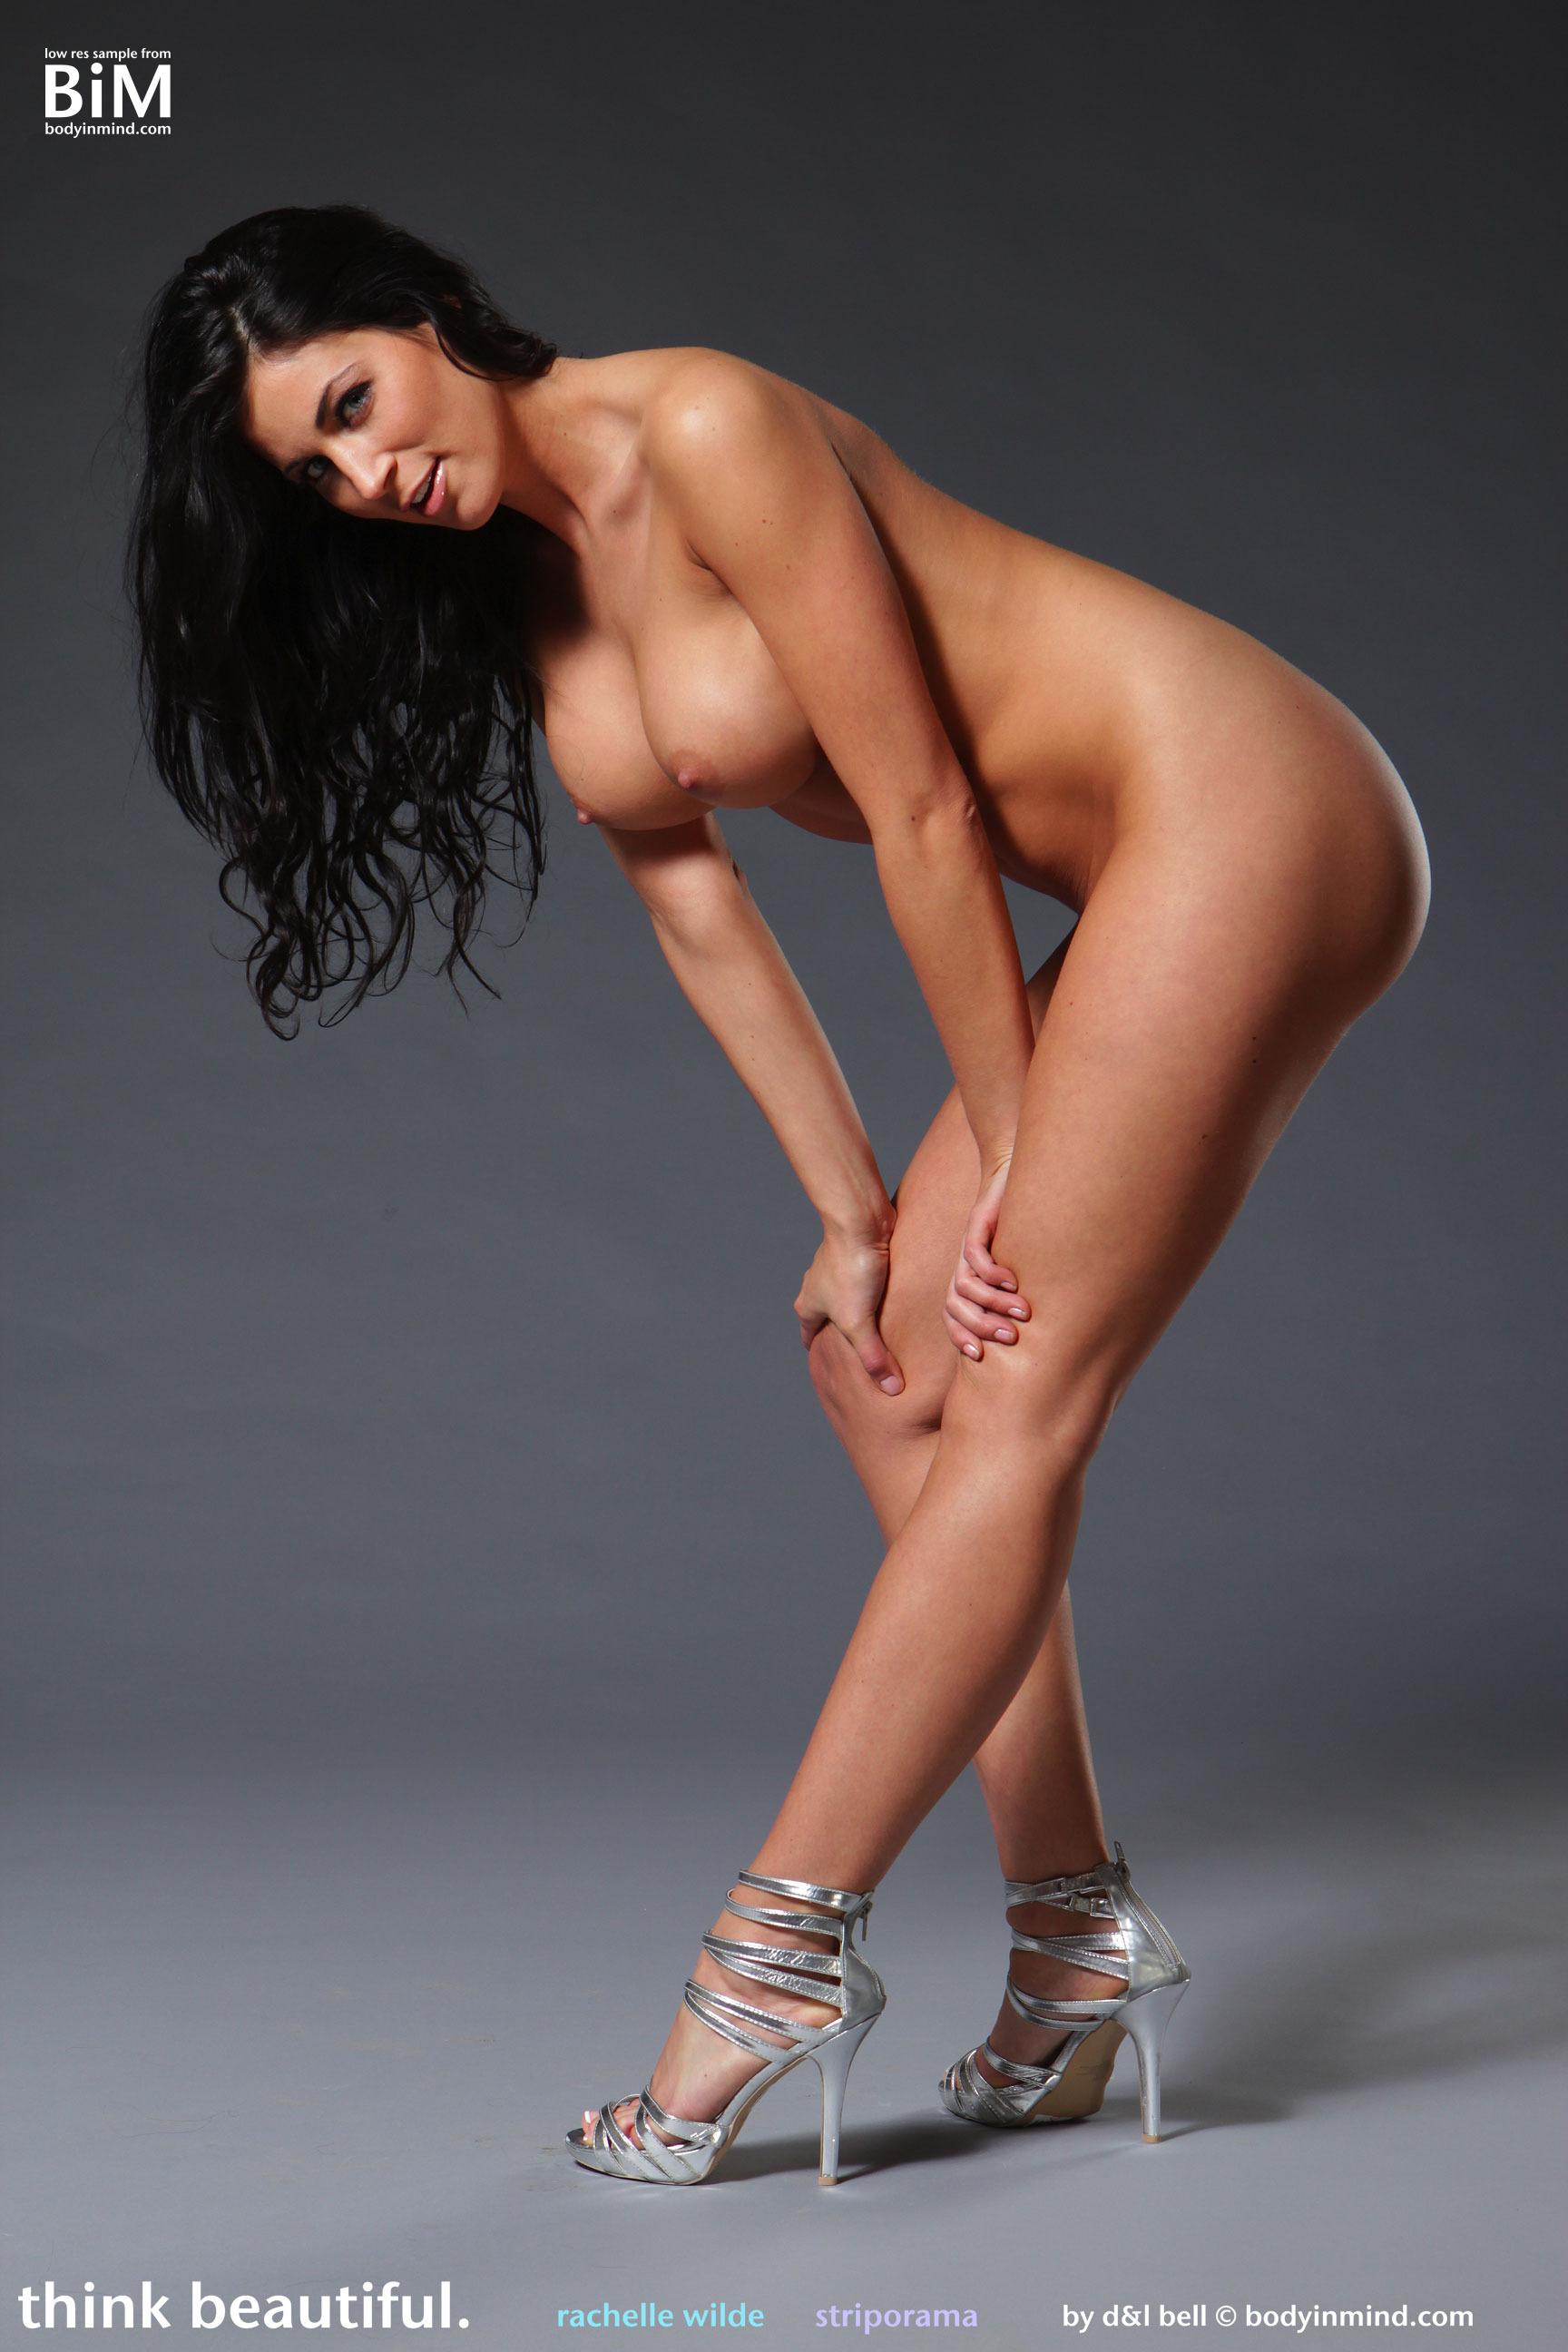 Nackt Rachelle Wilde  All Rachelle